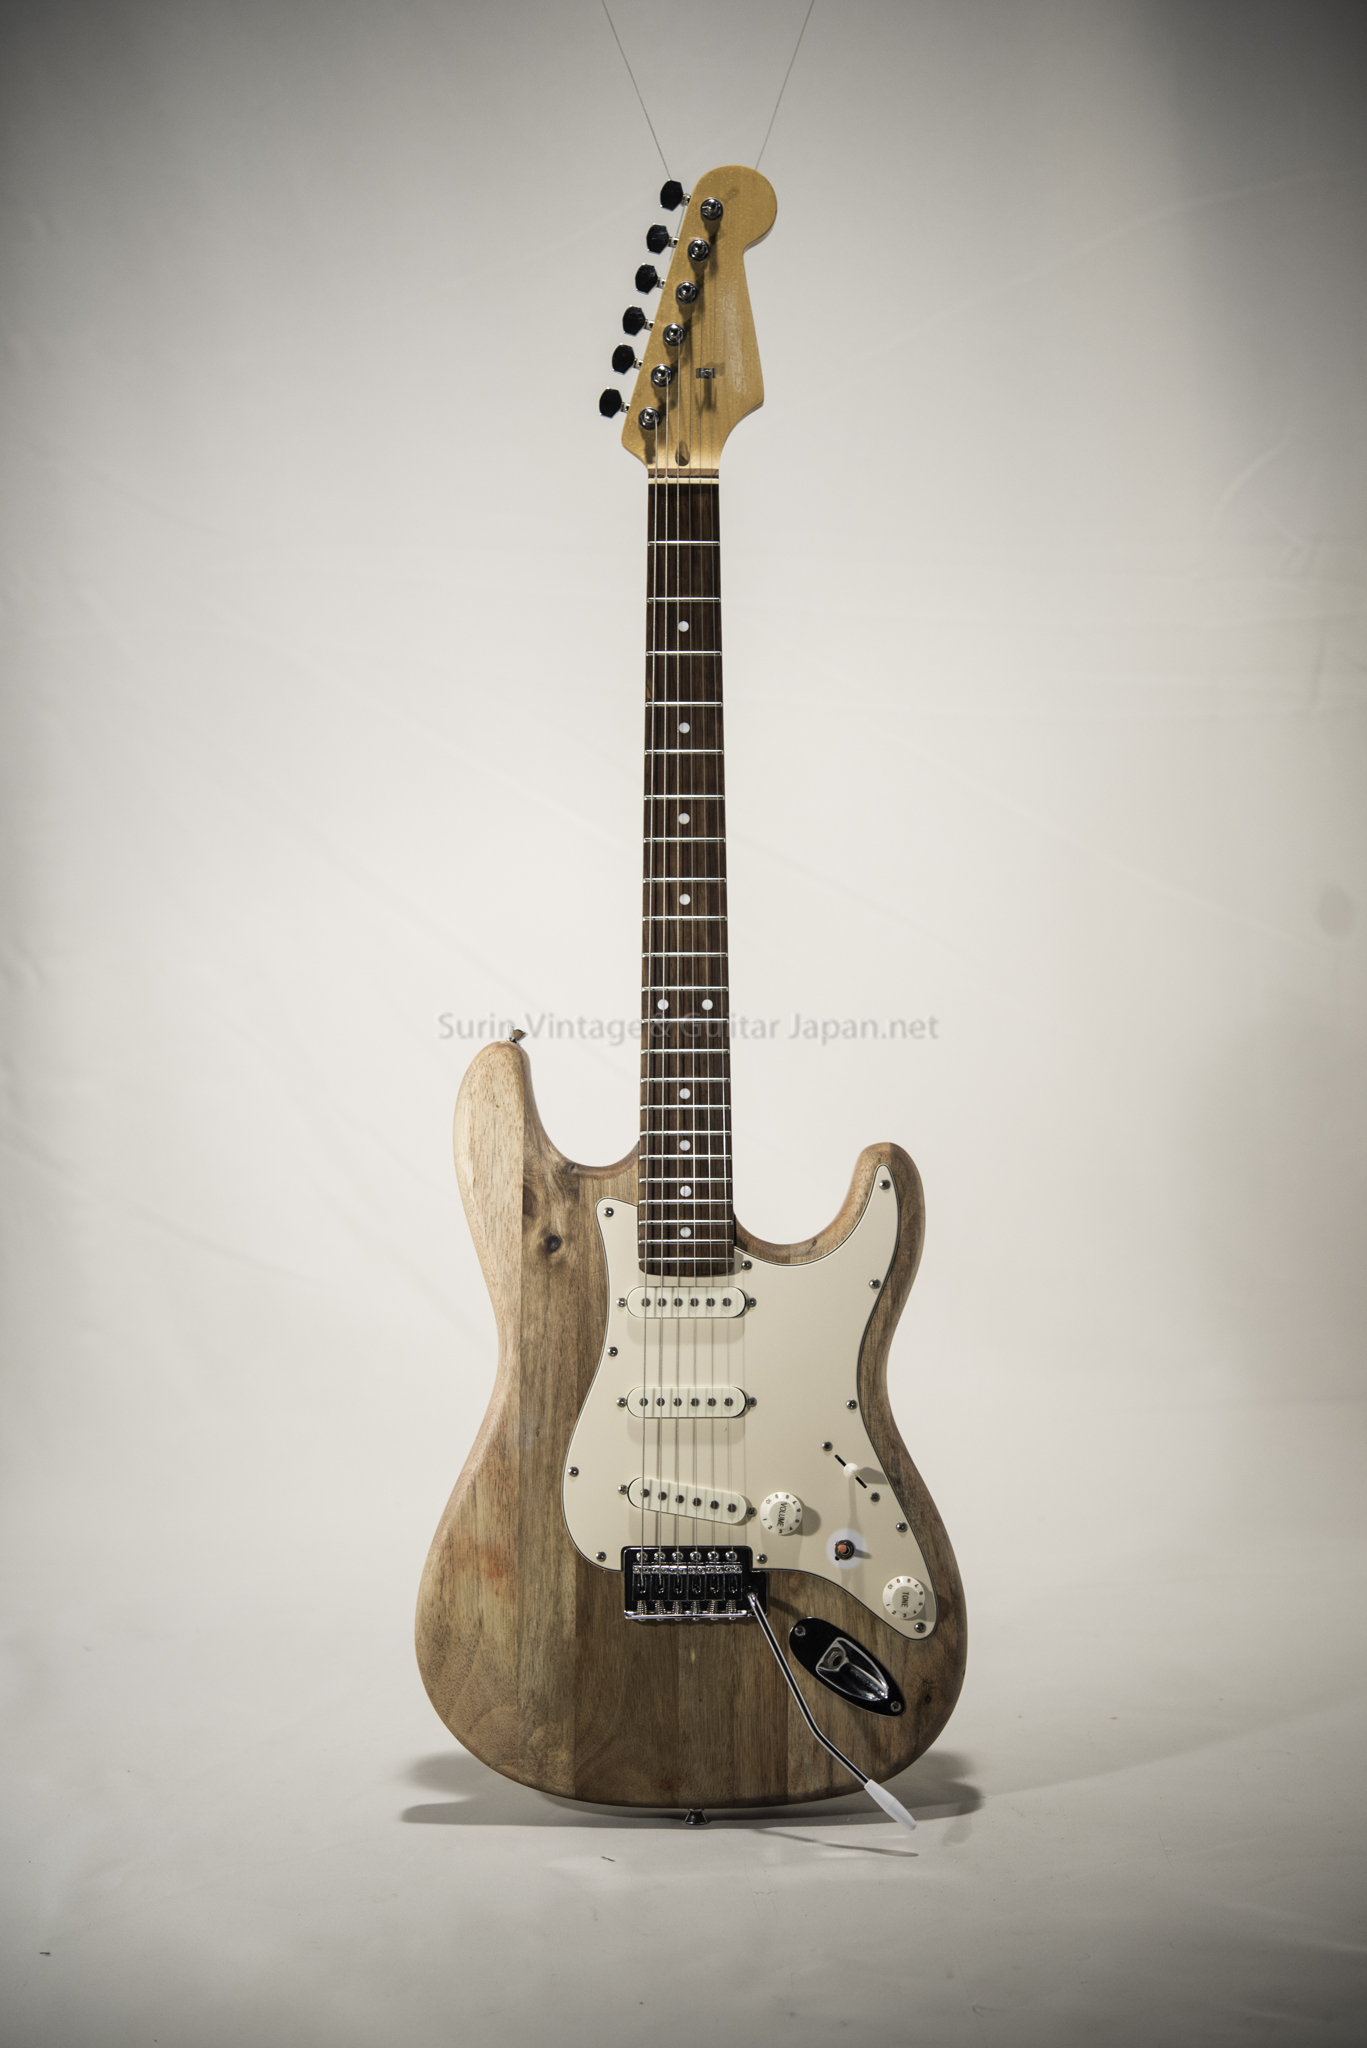 กีต้าร์ไฟฟ้ามือสอง Stratocaster Modify No.24